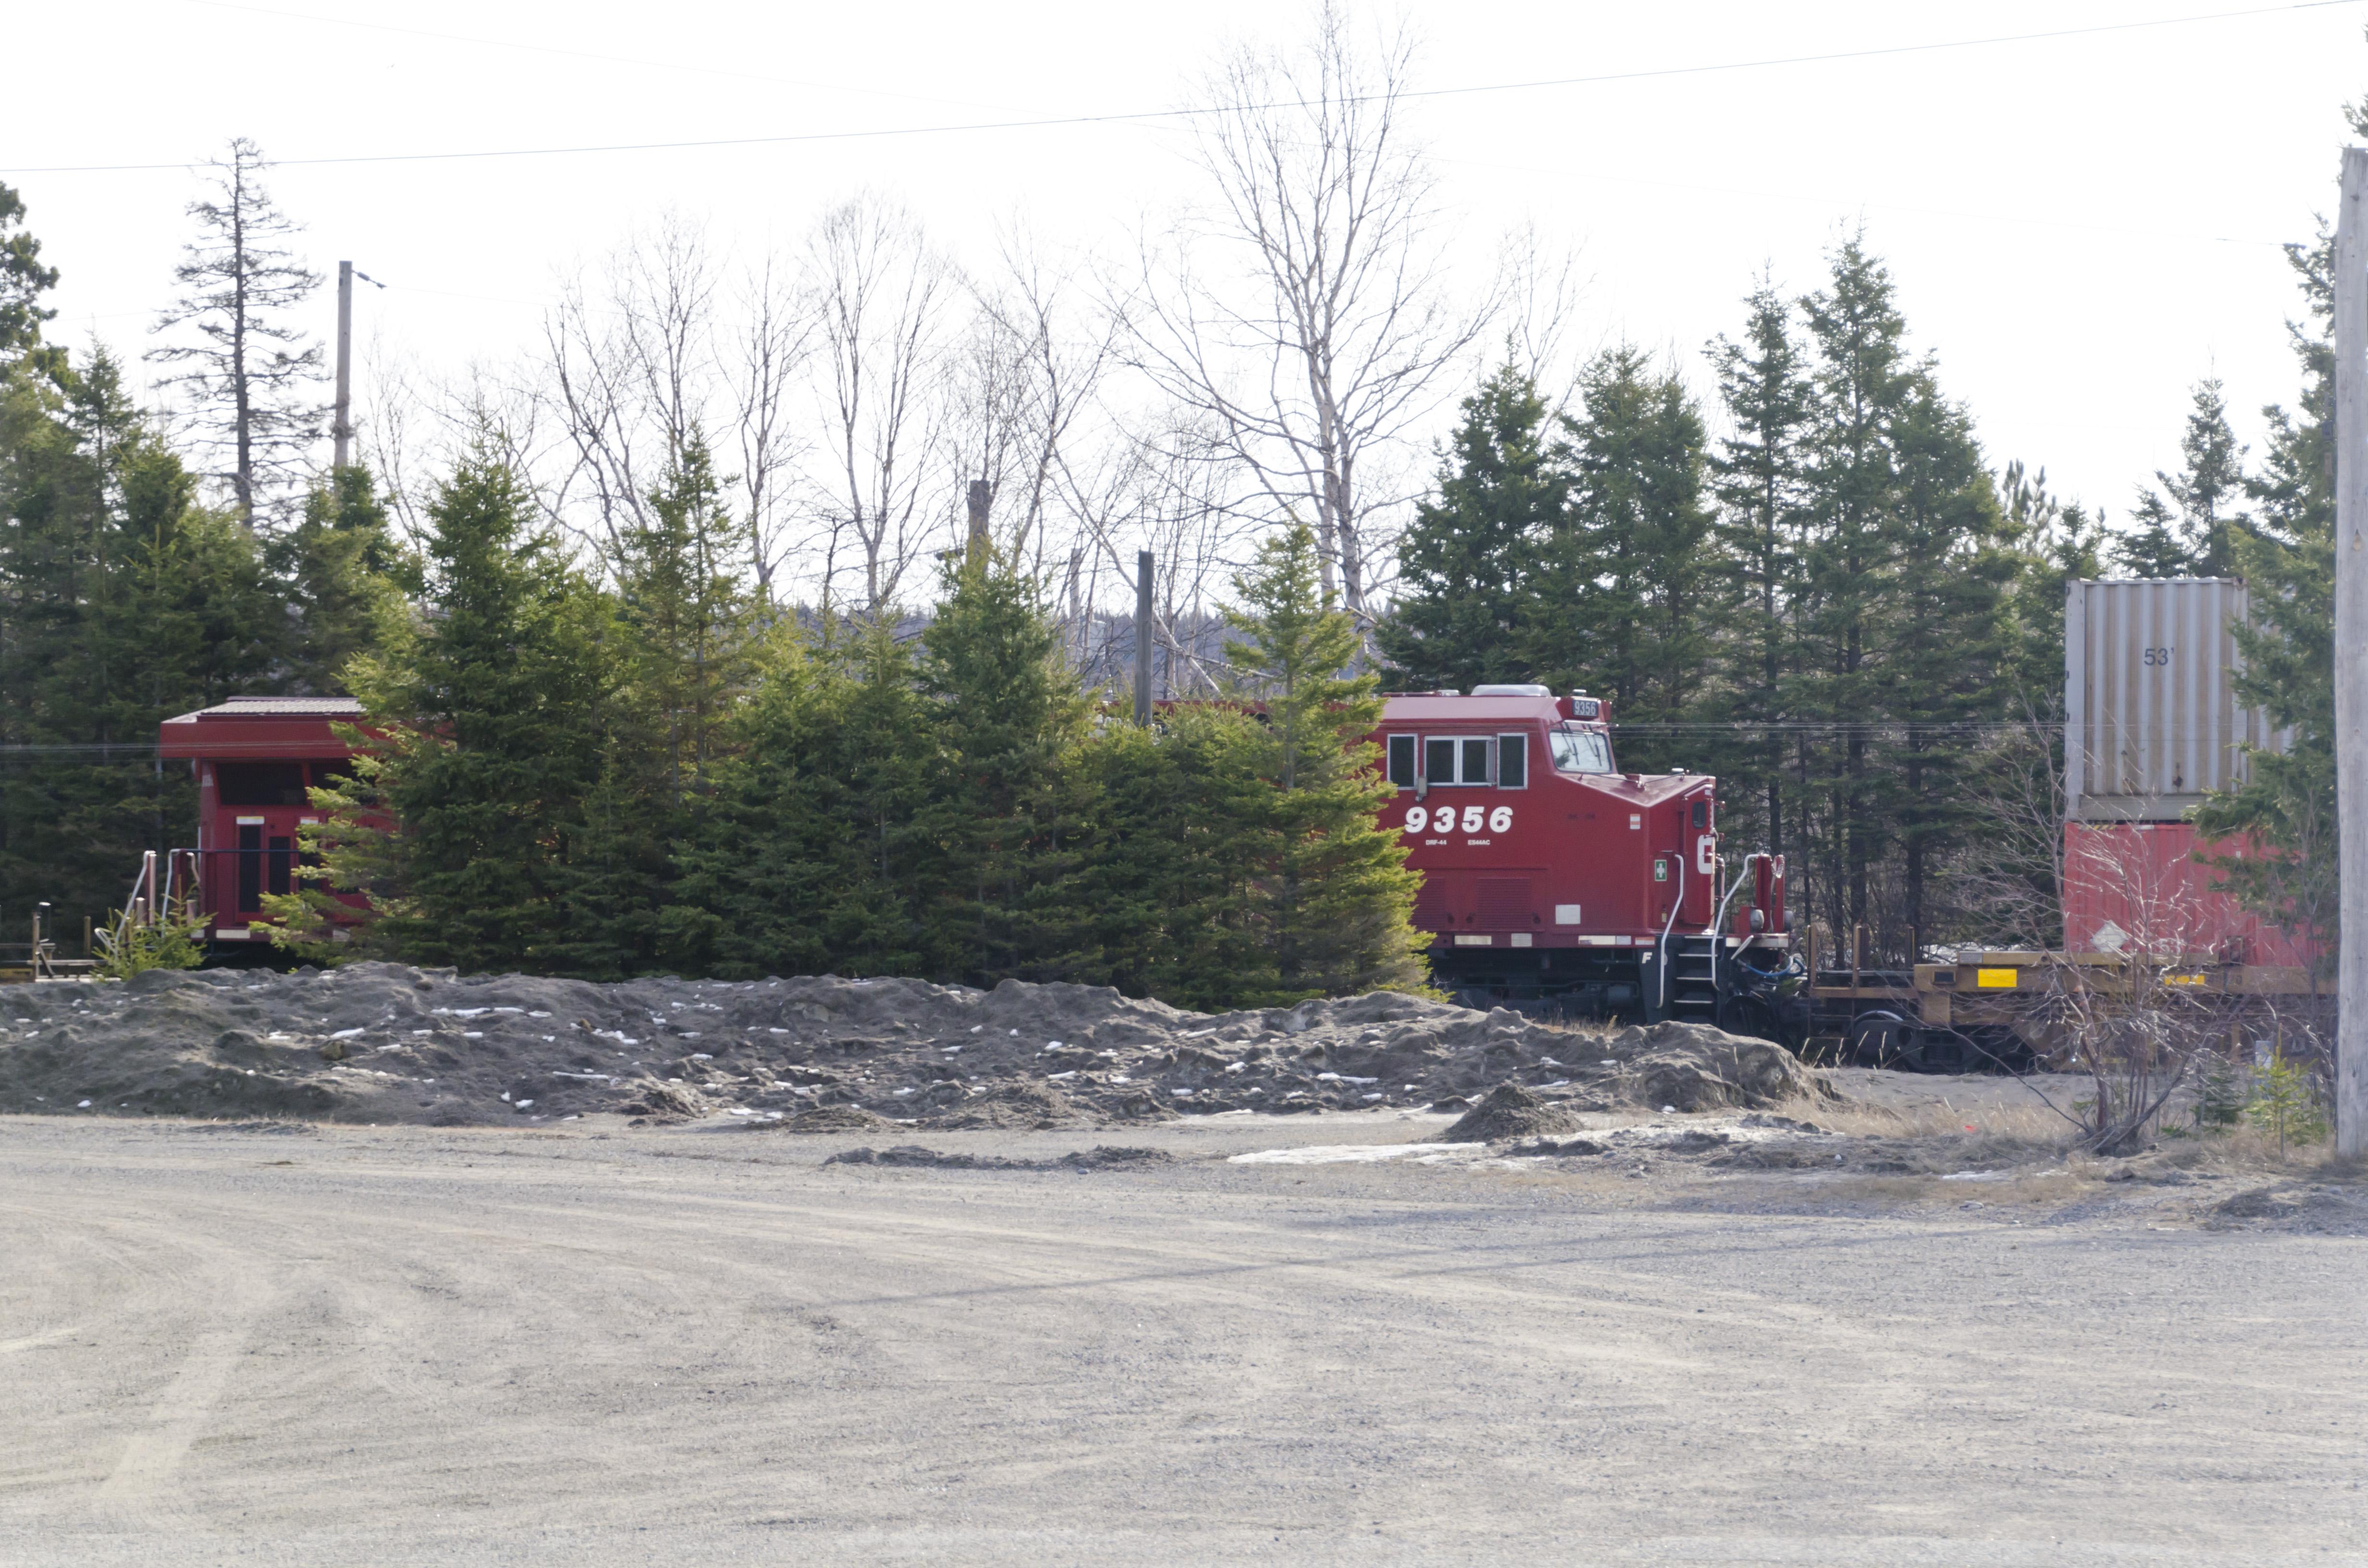 Canadian Pacific Railway CP #9356 GE ES44AC diesel